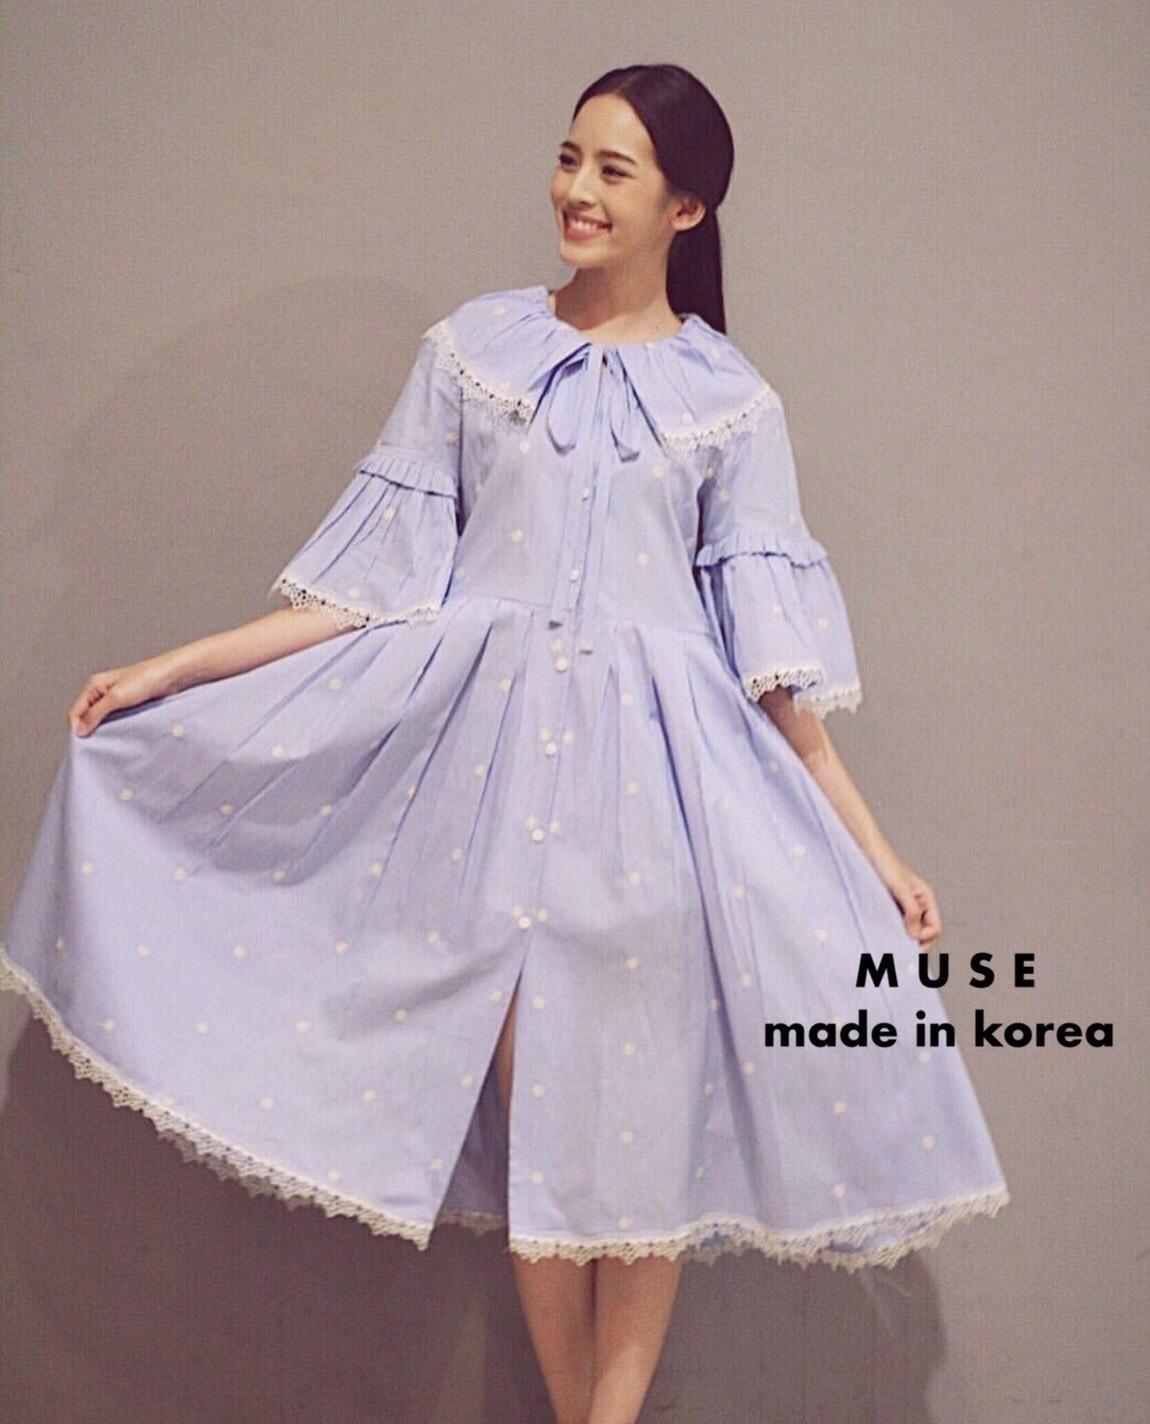 เดรสเกาหลีพร้อมส่ง เดรสแขนสีฟ้าระบาย